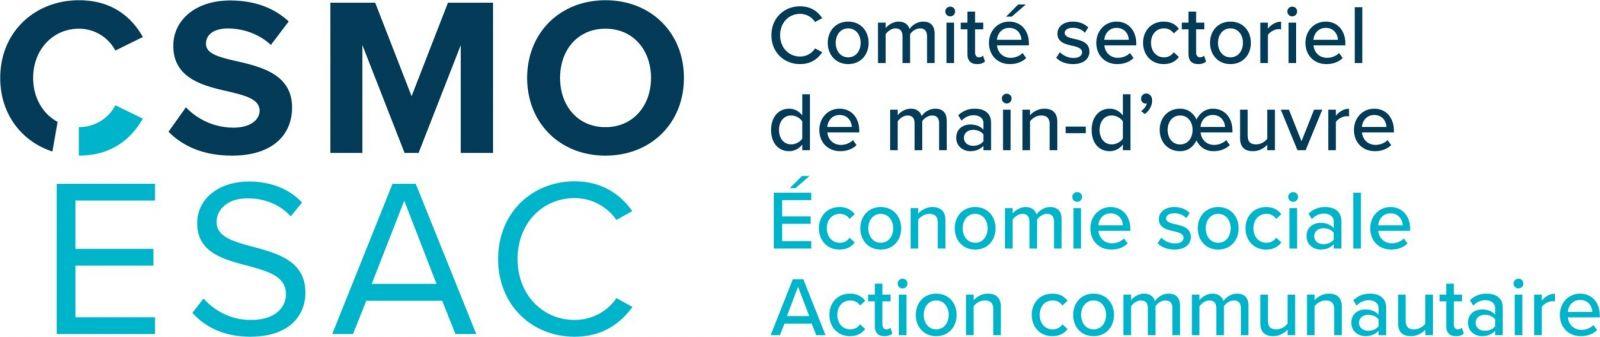 Consortium de ressources et d'expertises coopératives